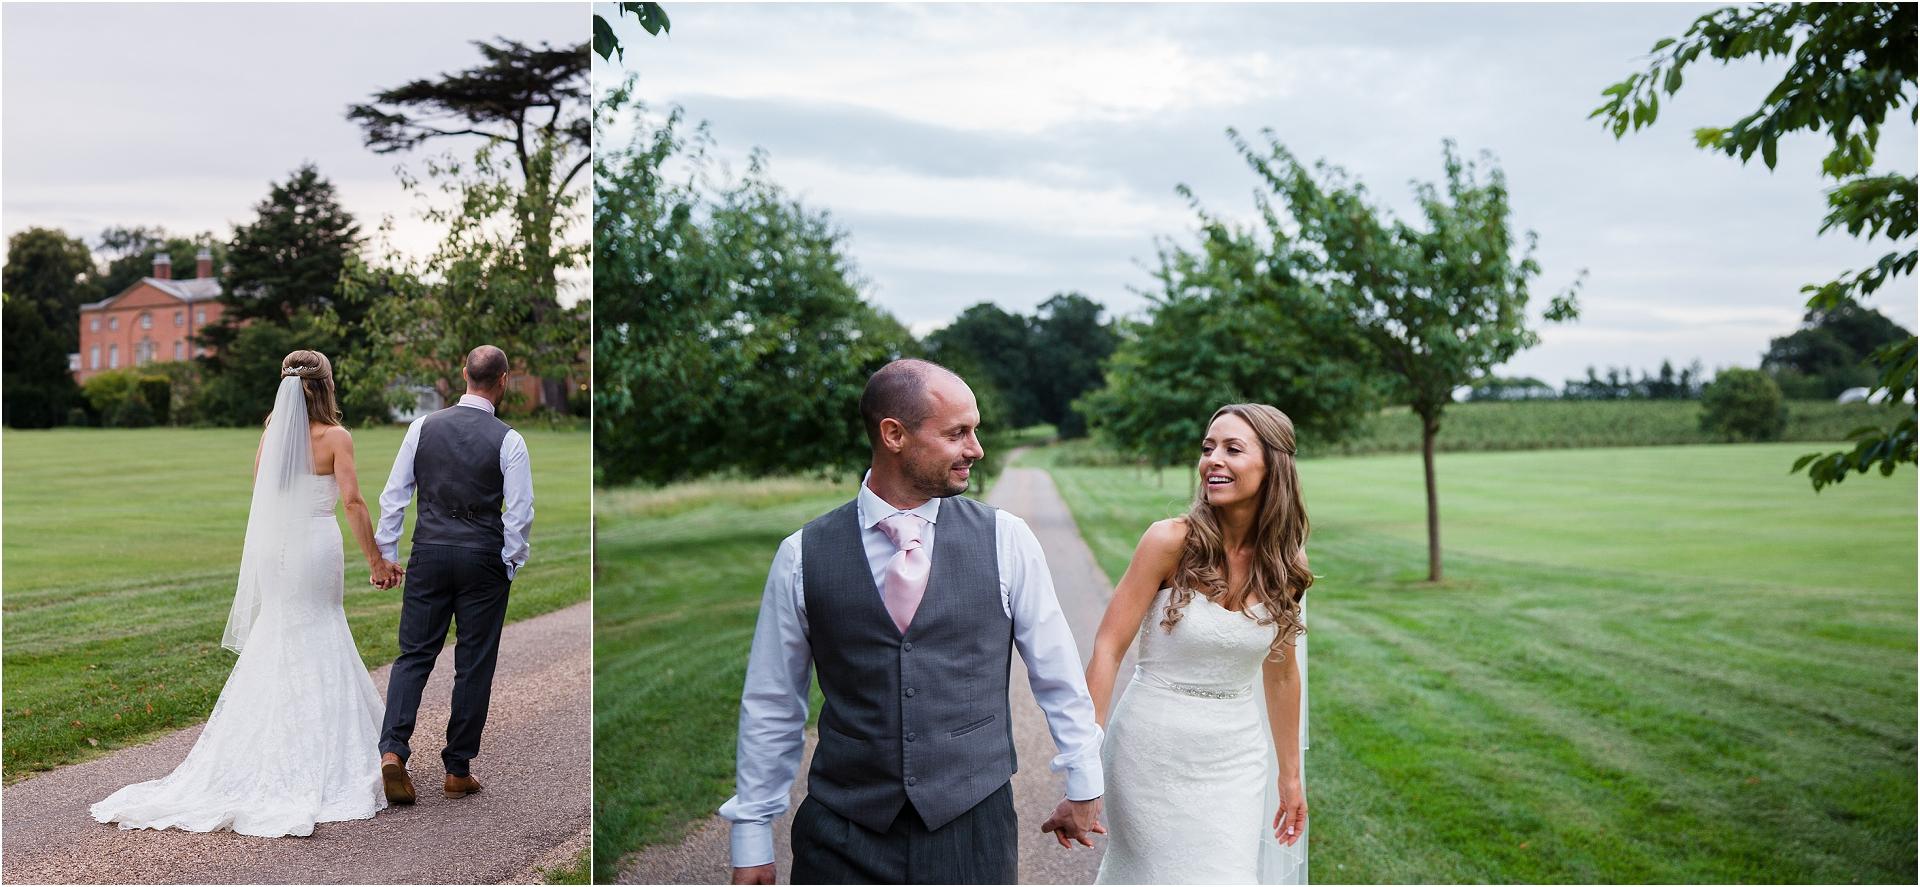 wedding-photography-norwood-park_0076